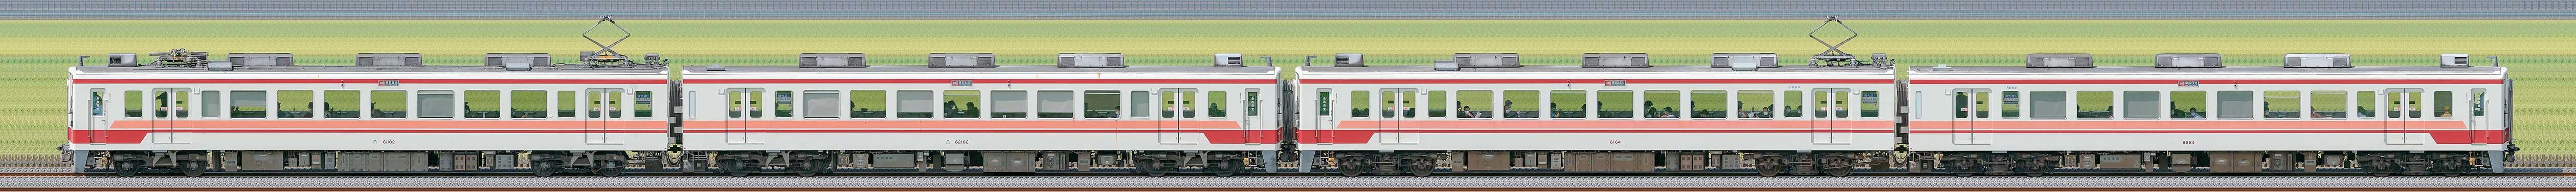 野岩6050系61102編成+東武6050型6164編成(海側)の編成サイドビュー